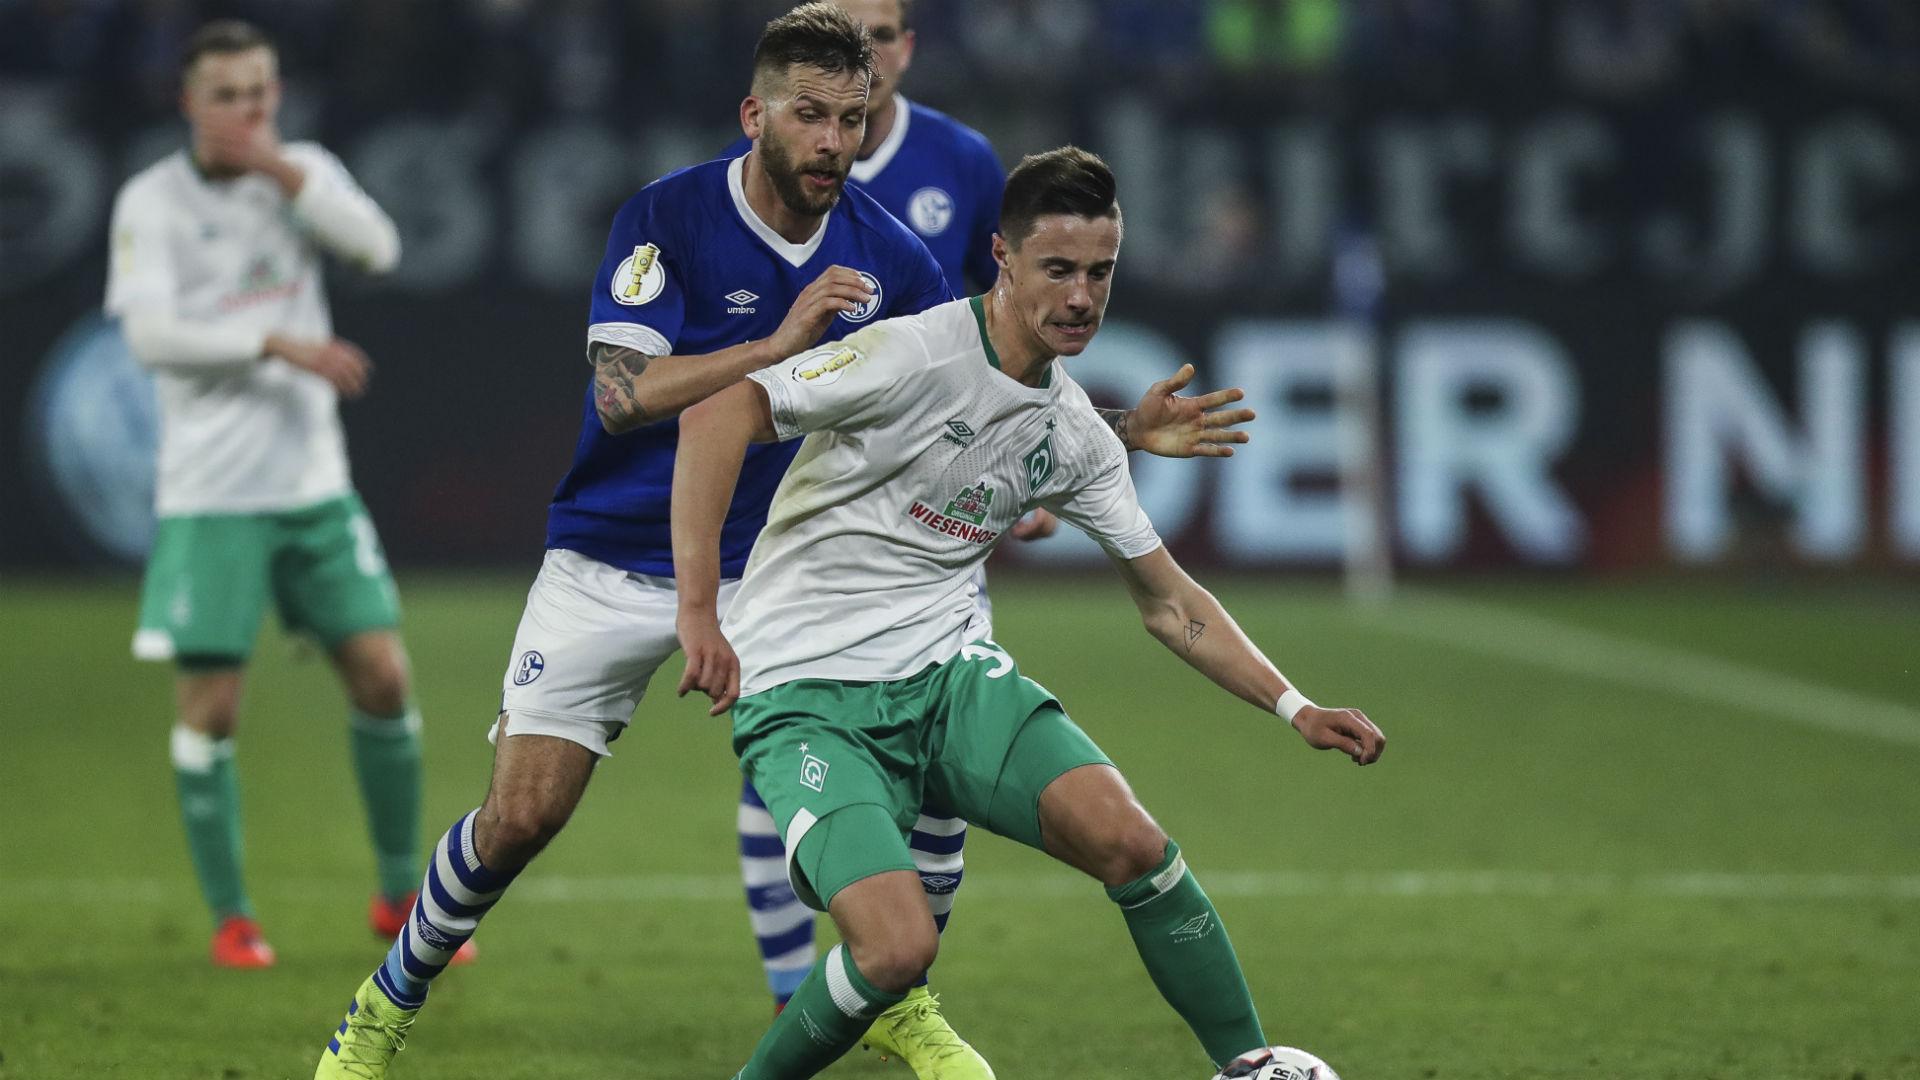 Marco Friedl Guido Burgstaller Werder Bremen 2019